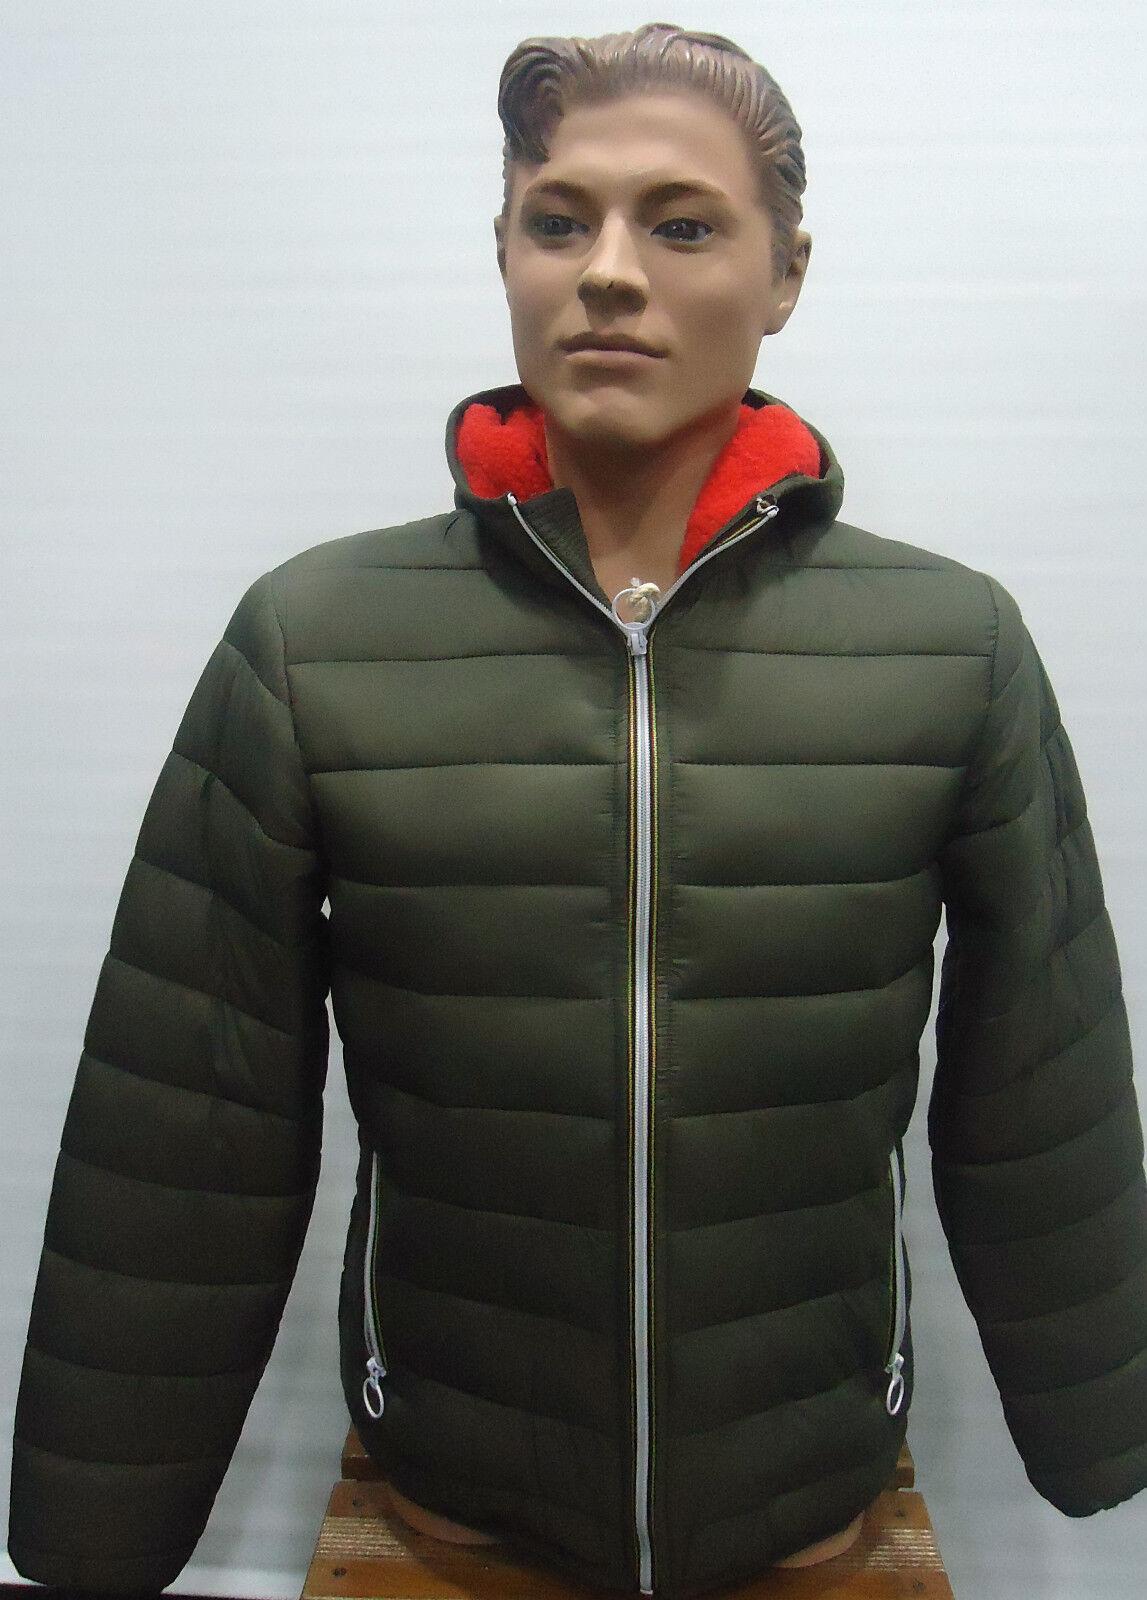 GIACCONE militare RYAN verde militare GIACCONE Pepe jeans uomo man M giubbino PM401059 46fd2c